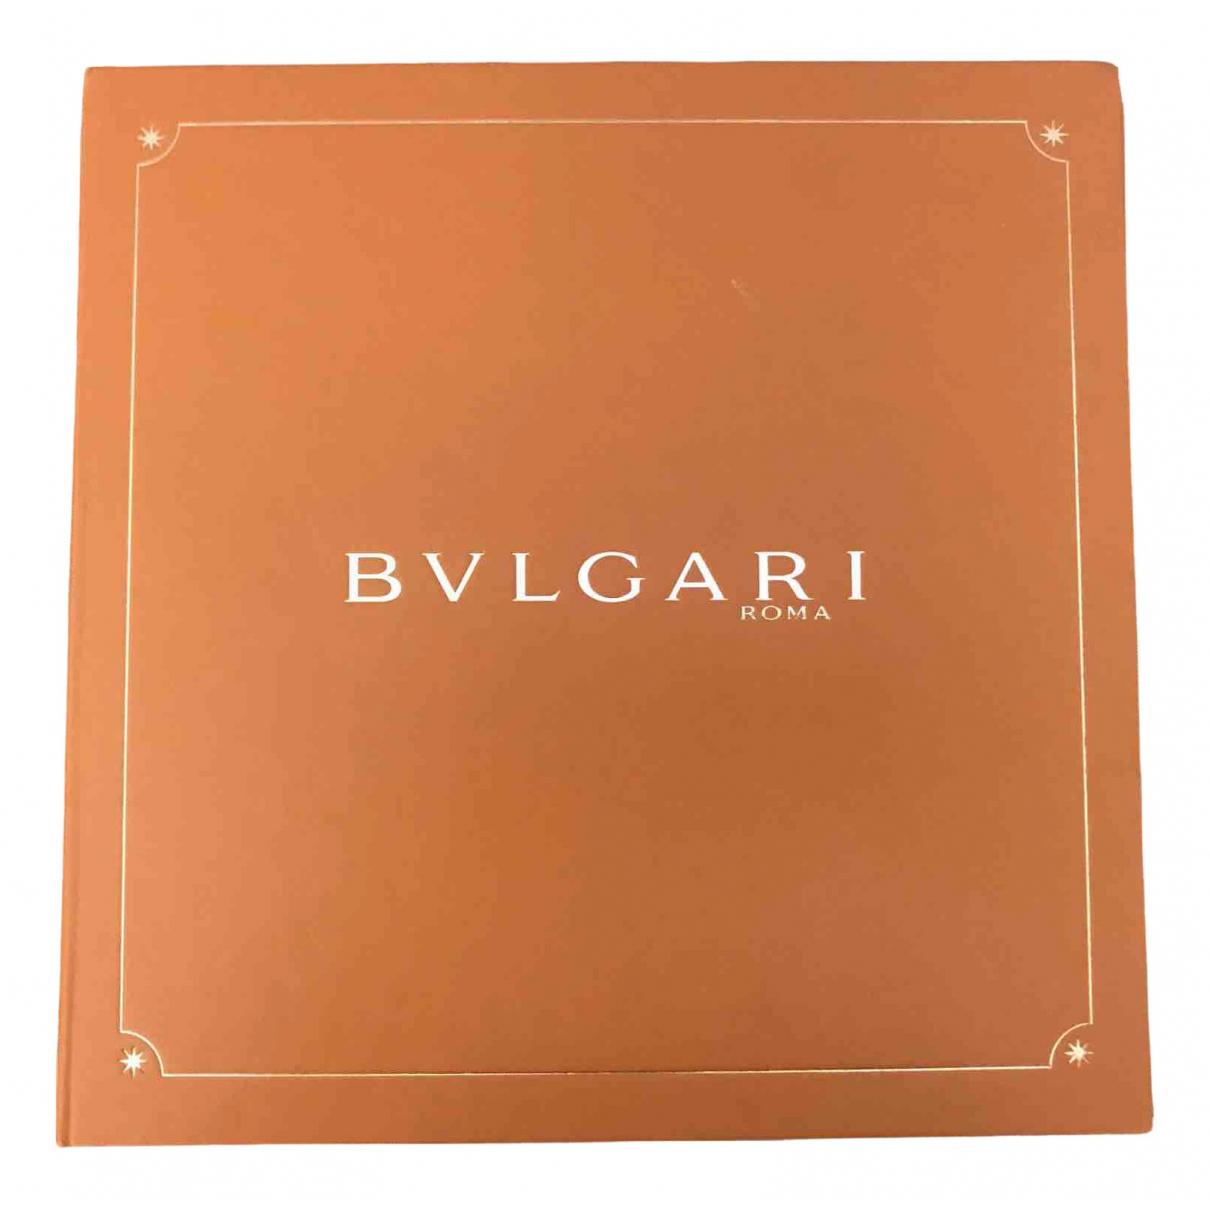 Bvlgari N Multicolour Cotton Fashion for Life & Living N